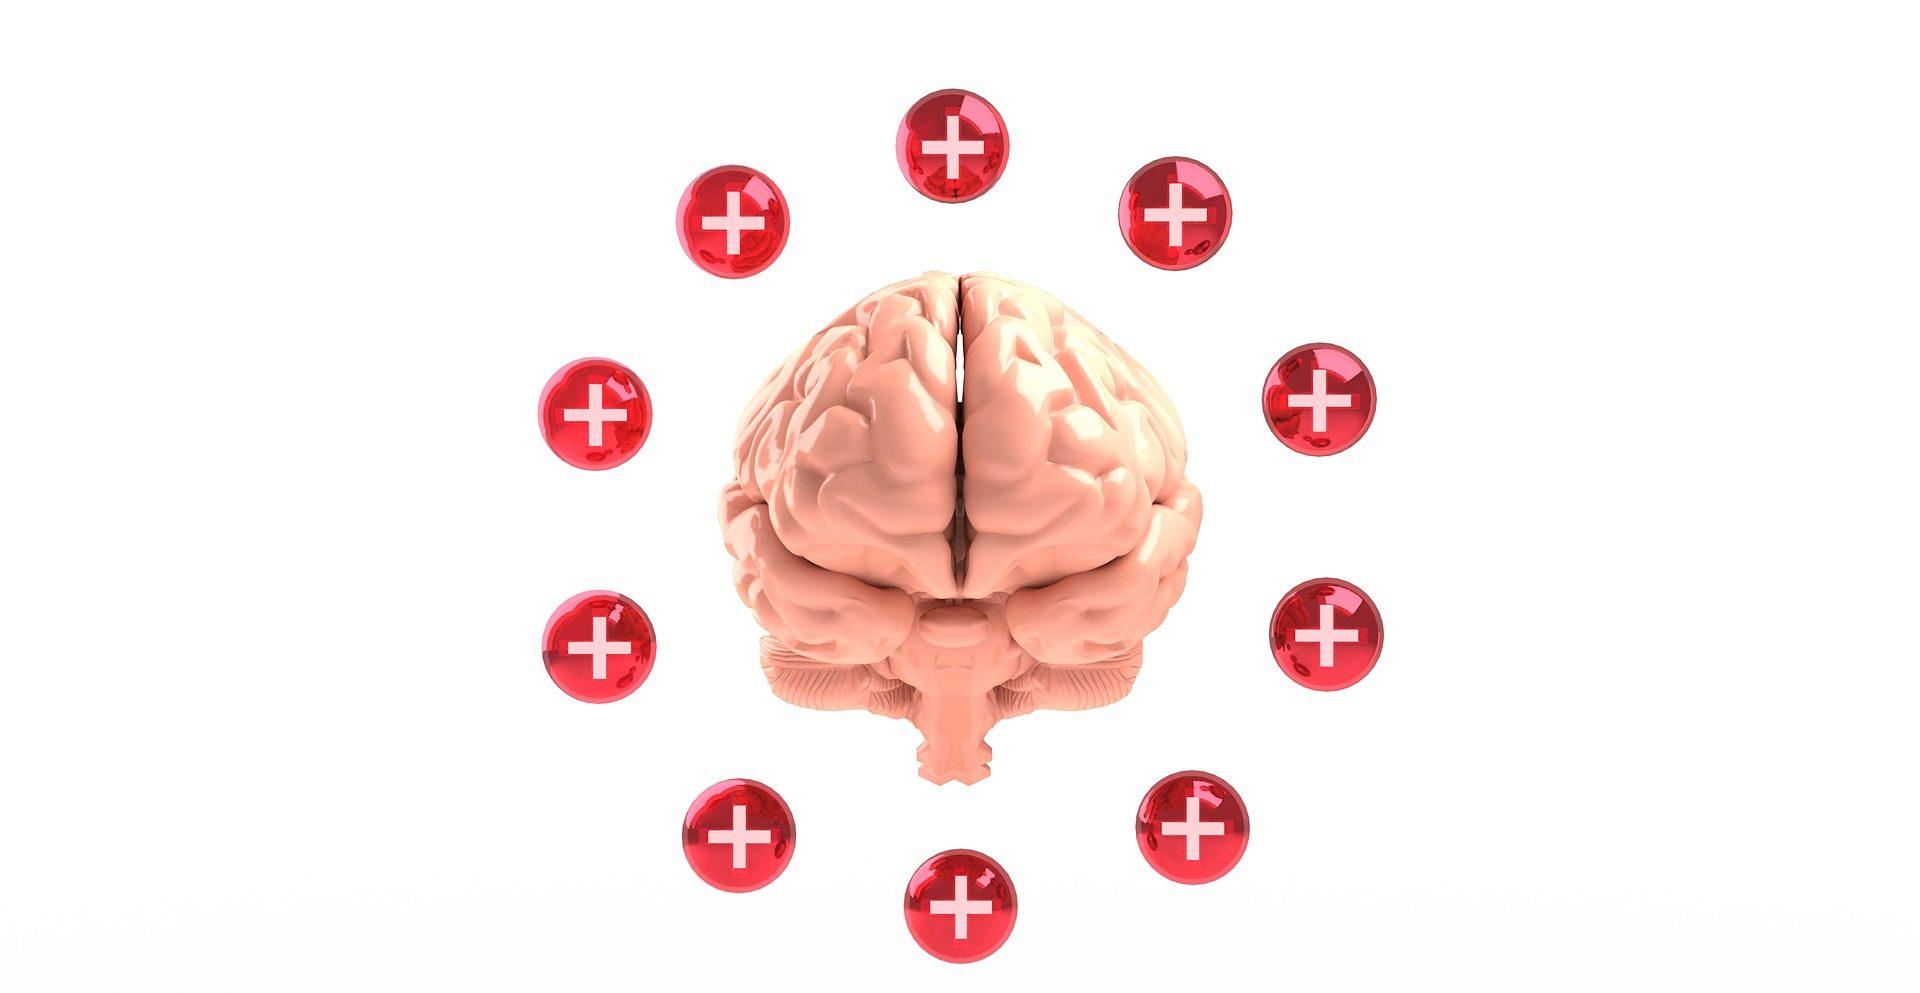 Используйте мозг и подсознание для улучшения себя и жизни: